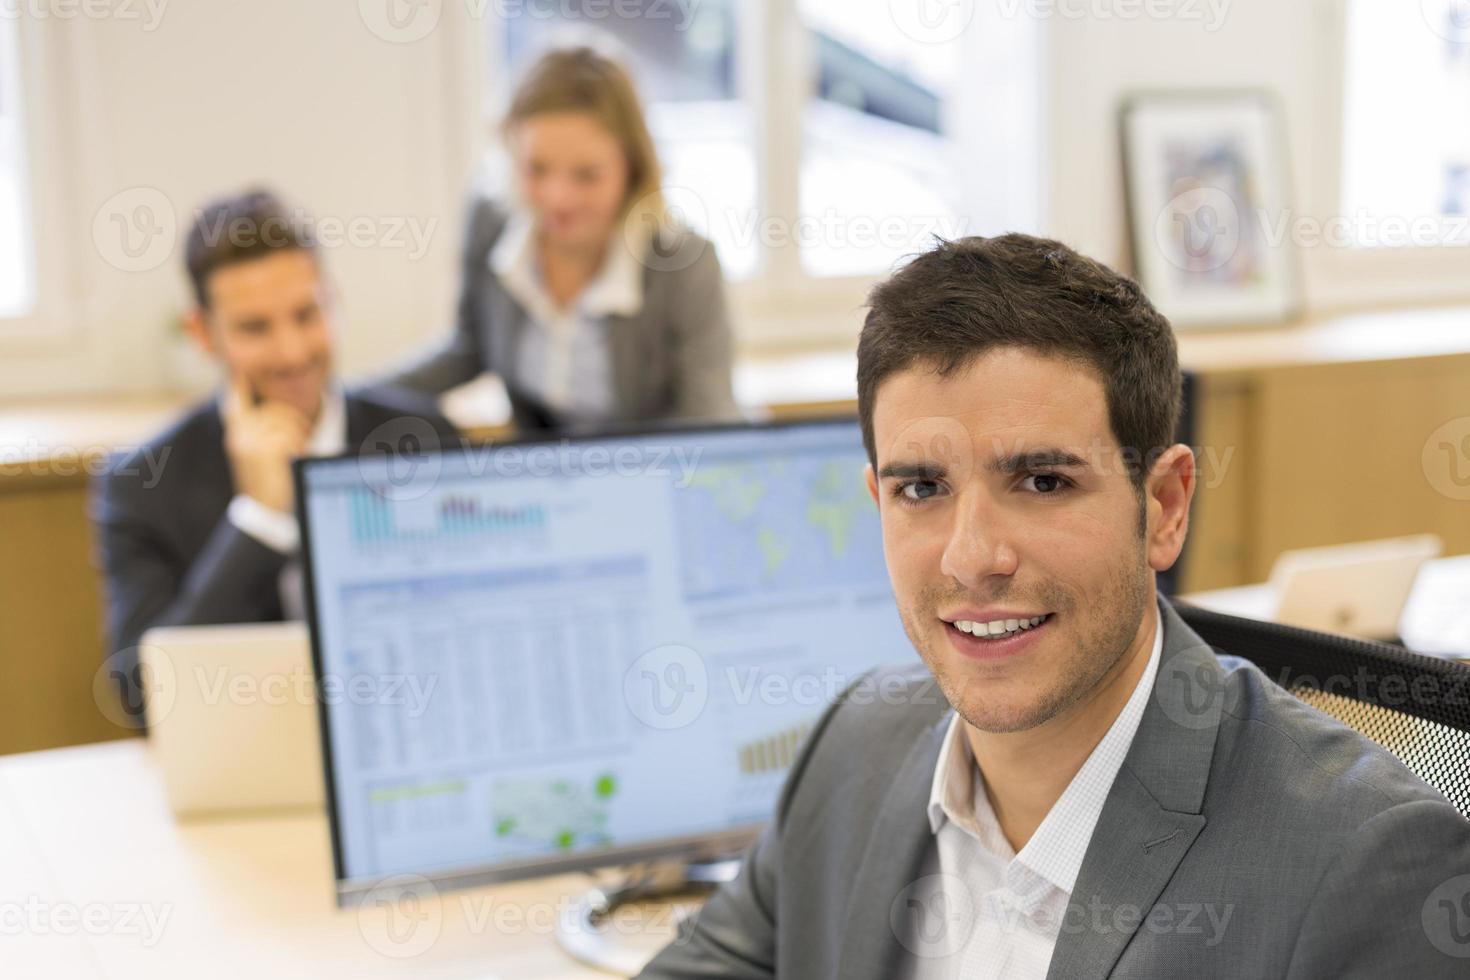 retrato do empresário bonitão no escritório moderno. olhando câmera foto